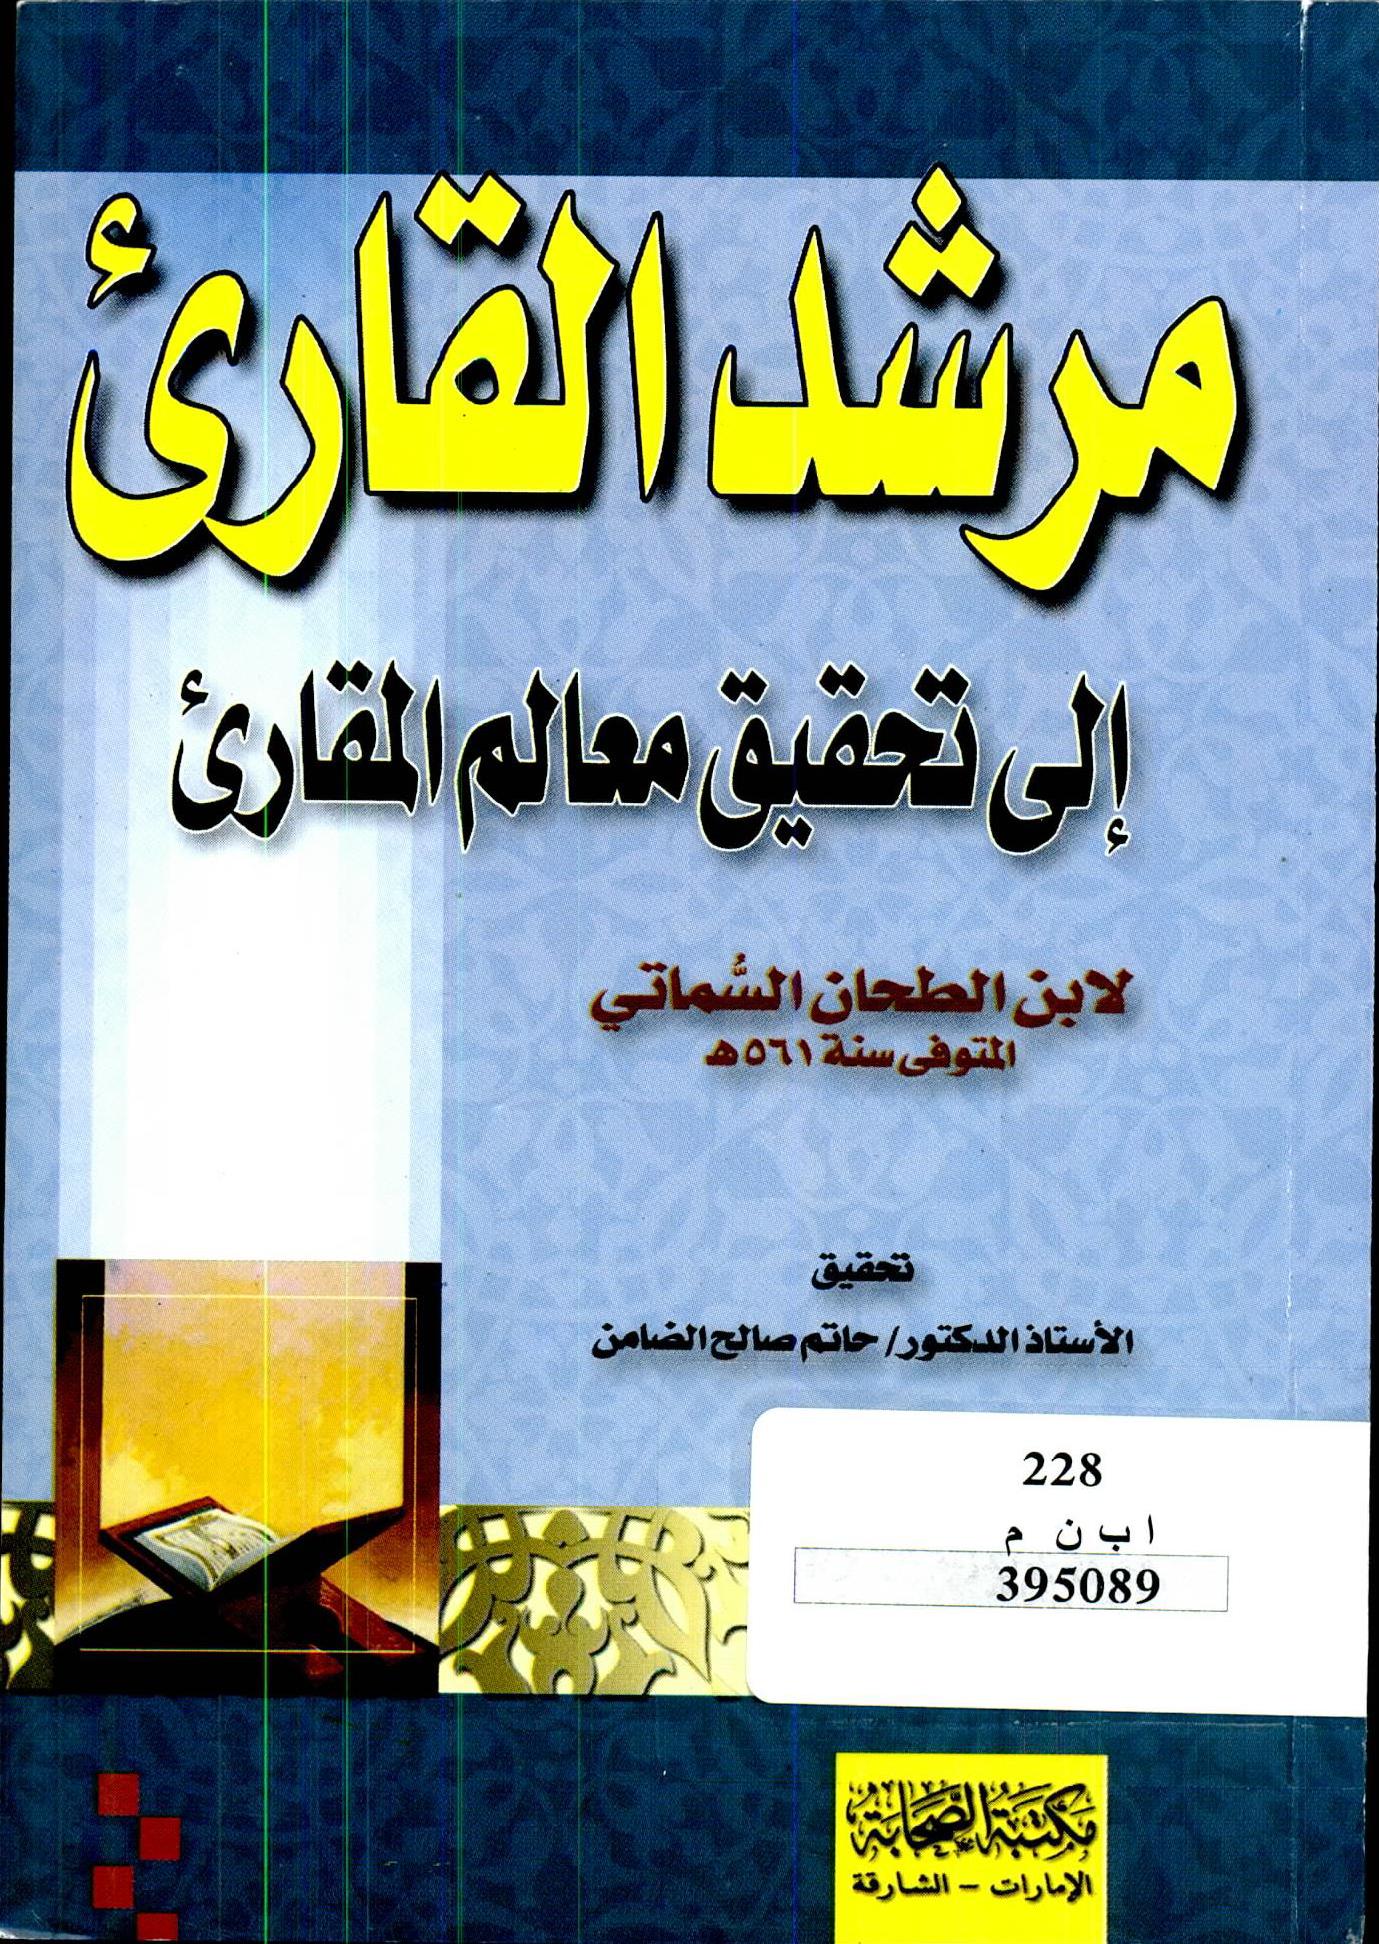 تحميل كتاب مرشد القارئ إلى تحقيق معالم المقارئ لـِ: الإمام أبو الأصبغ عبد العزيز بن علي بن محمد السماتي الإشبيلي، ابن الطحان (ت بعد 560)